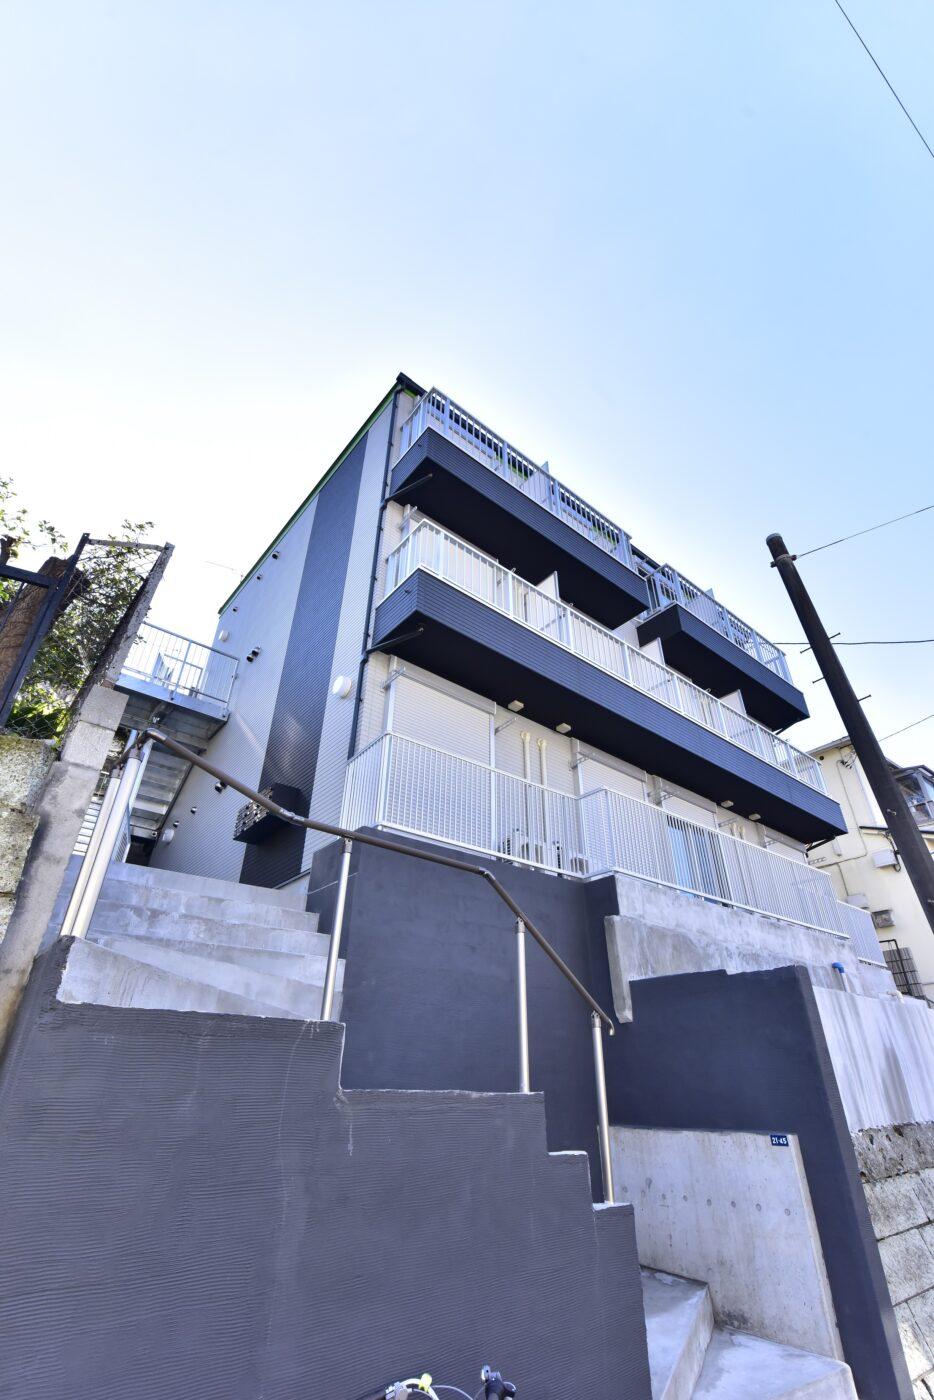 横浜市神奈川区神大寺1丁目の土地